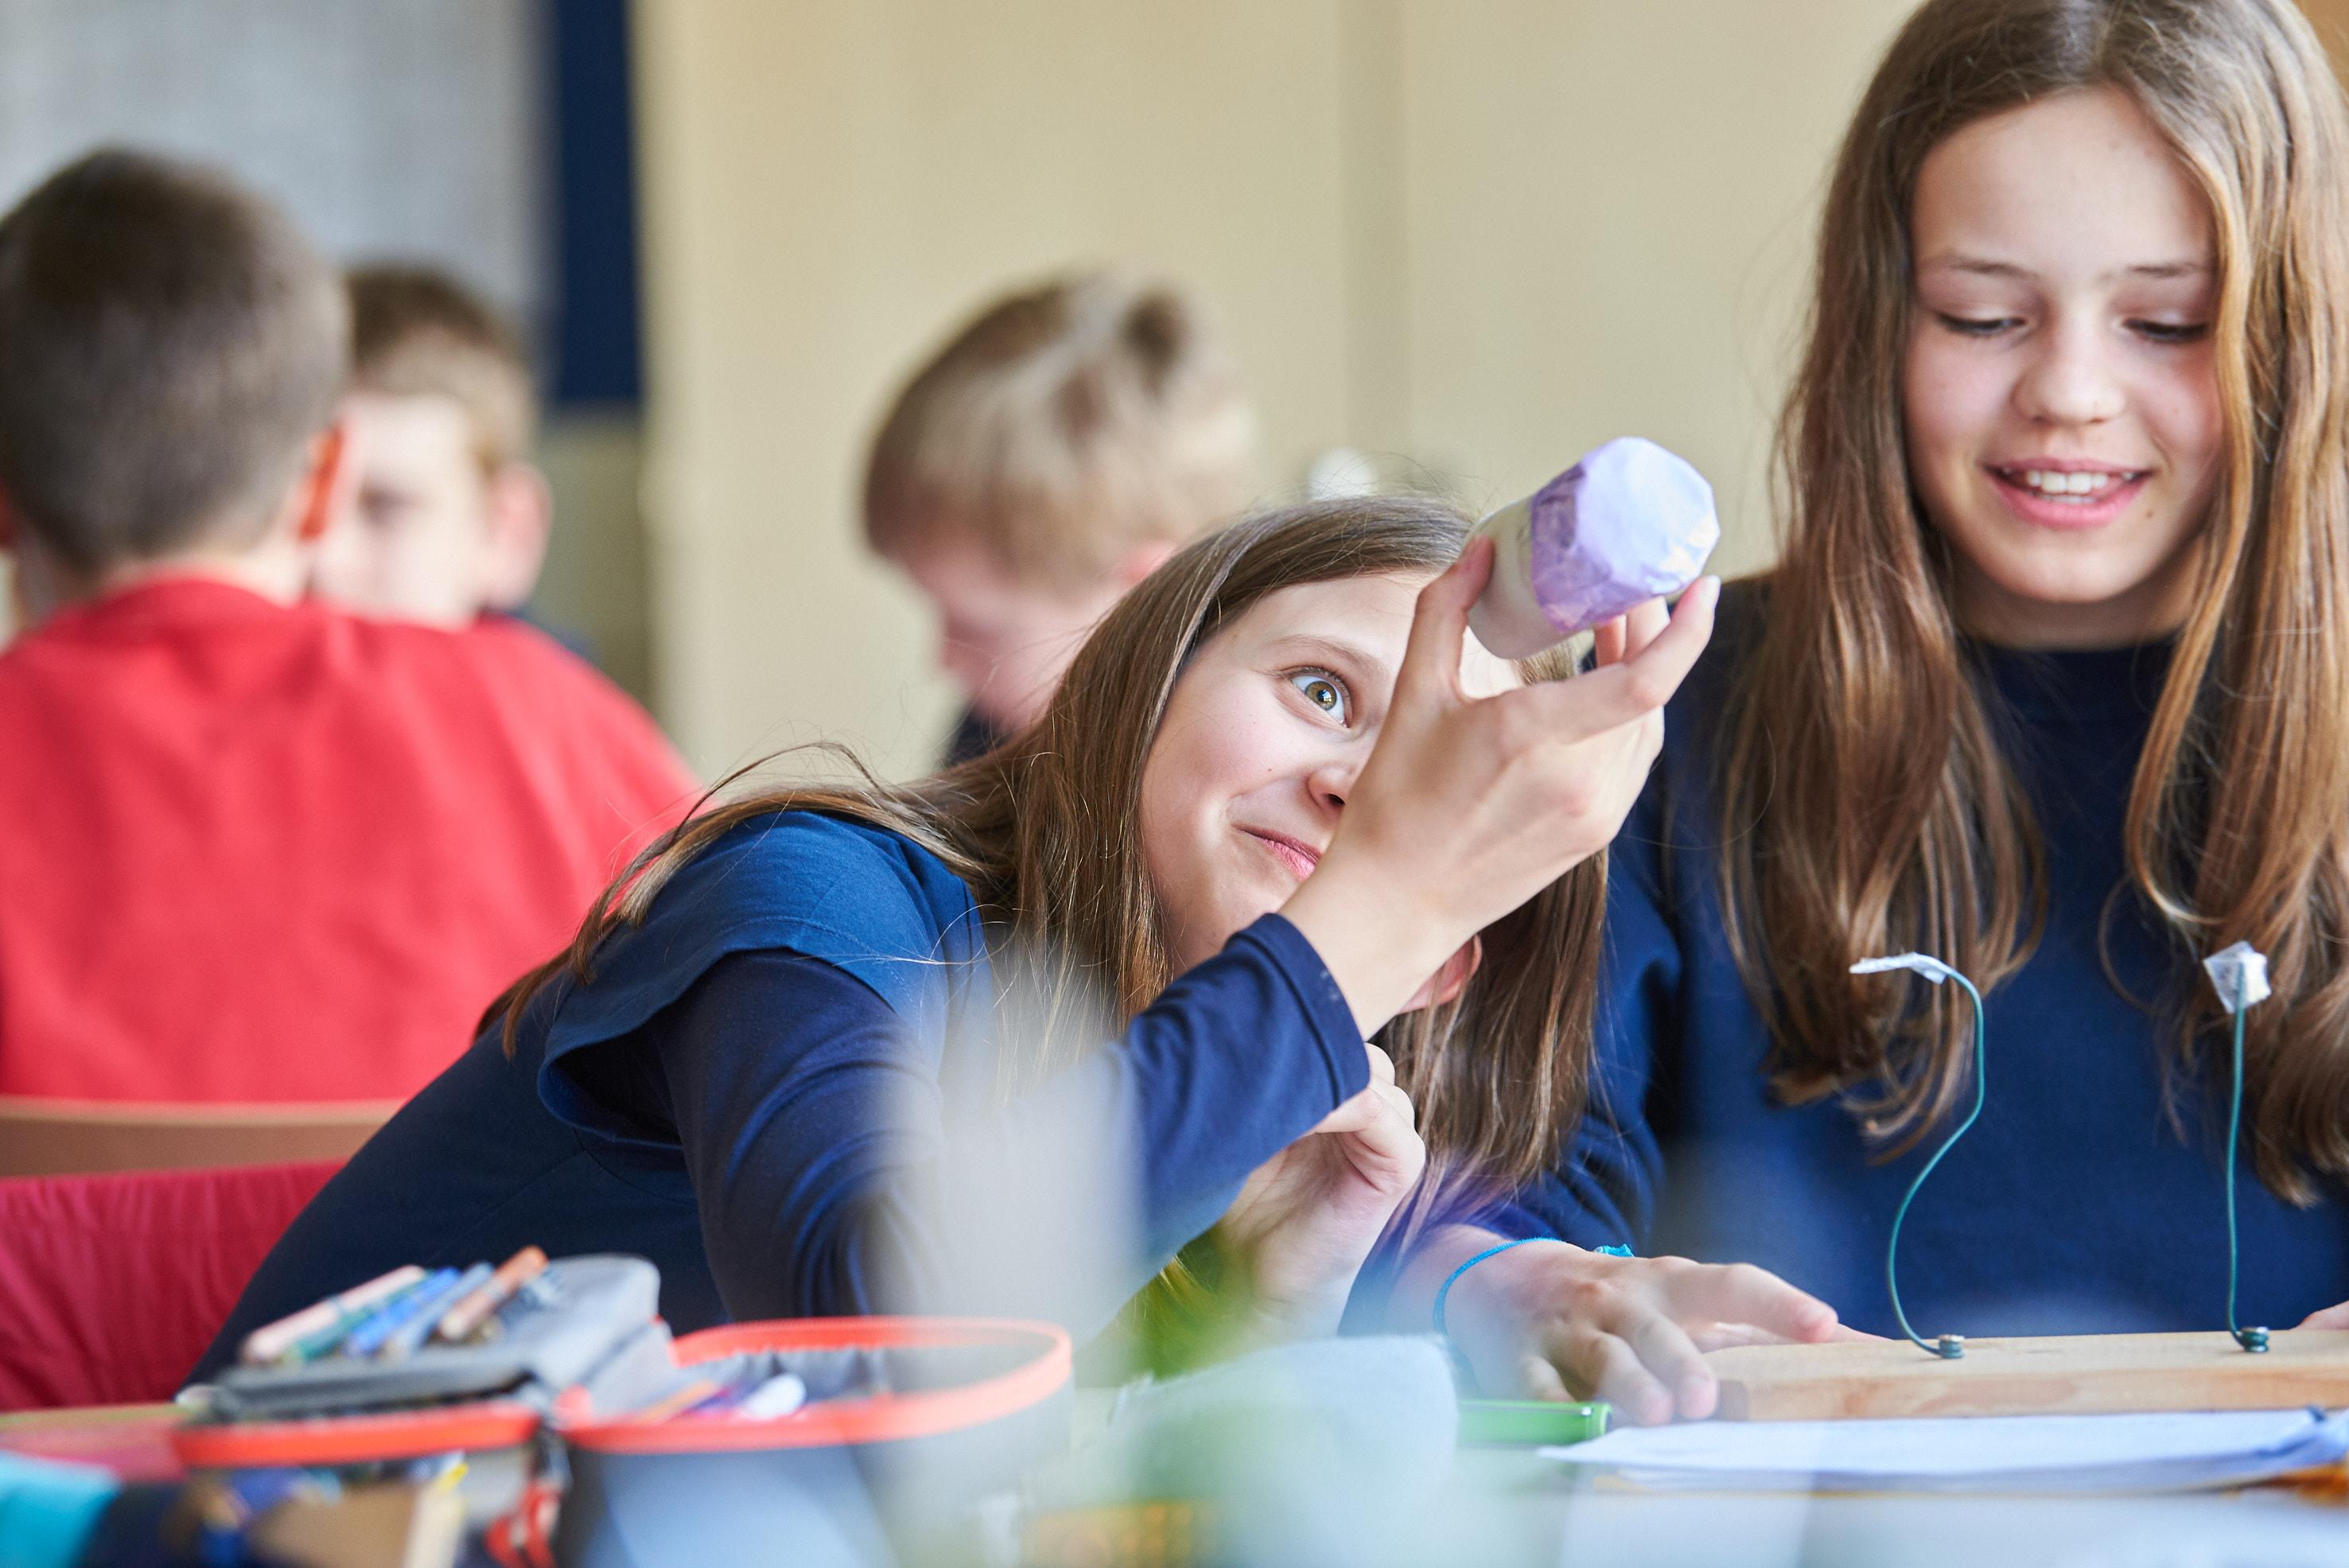 Mädchen Qualitätsmanagement ~ Erasmus Gymnasium Frankfurt ~ Trilinguale weiterführende Privatschule